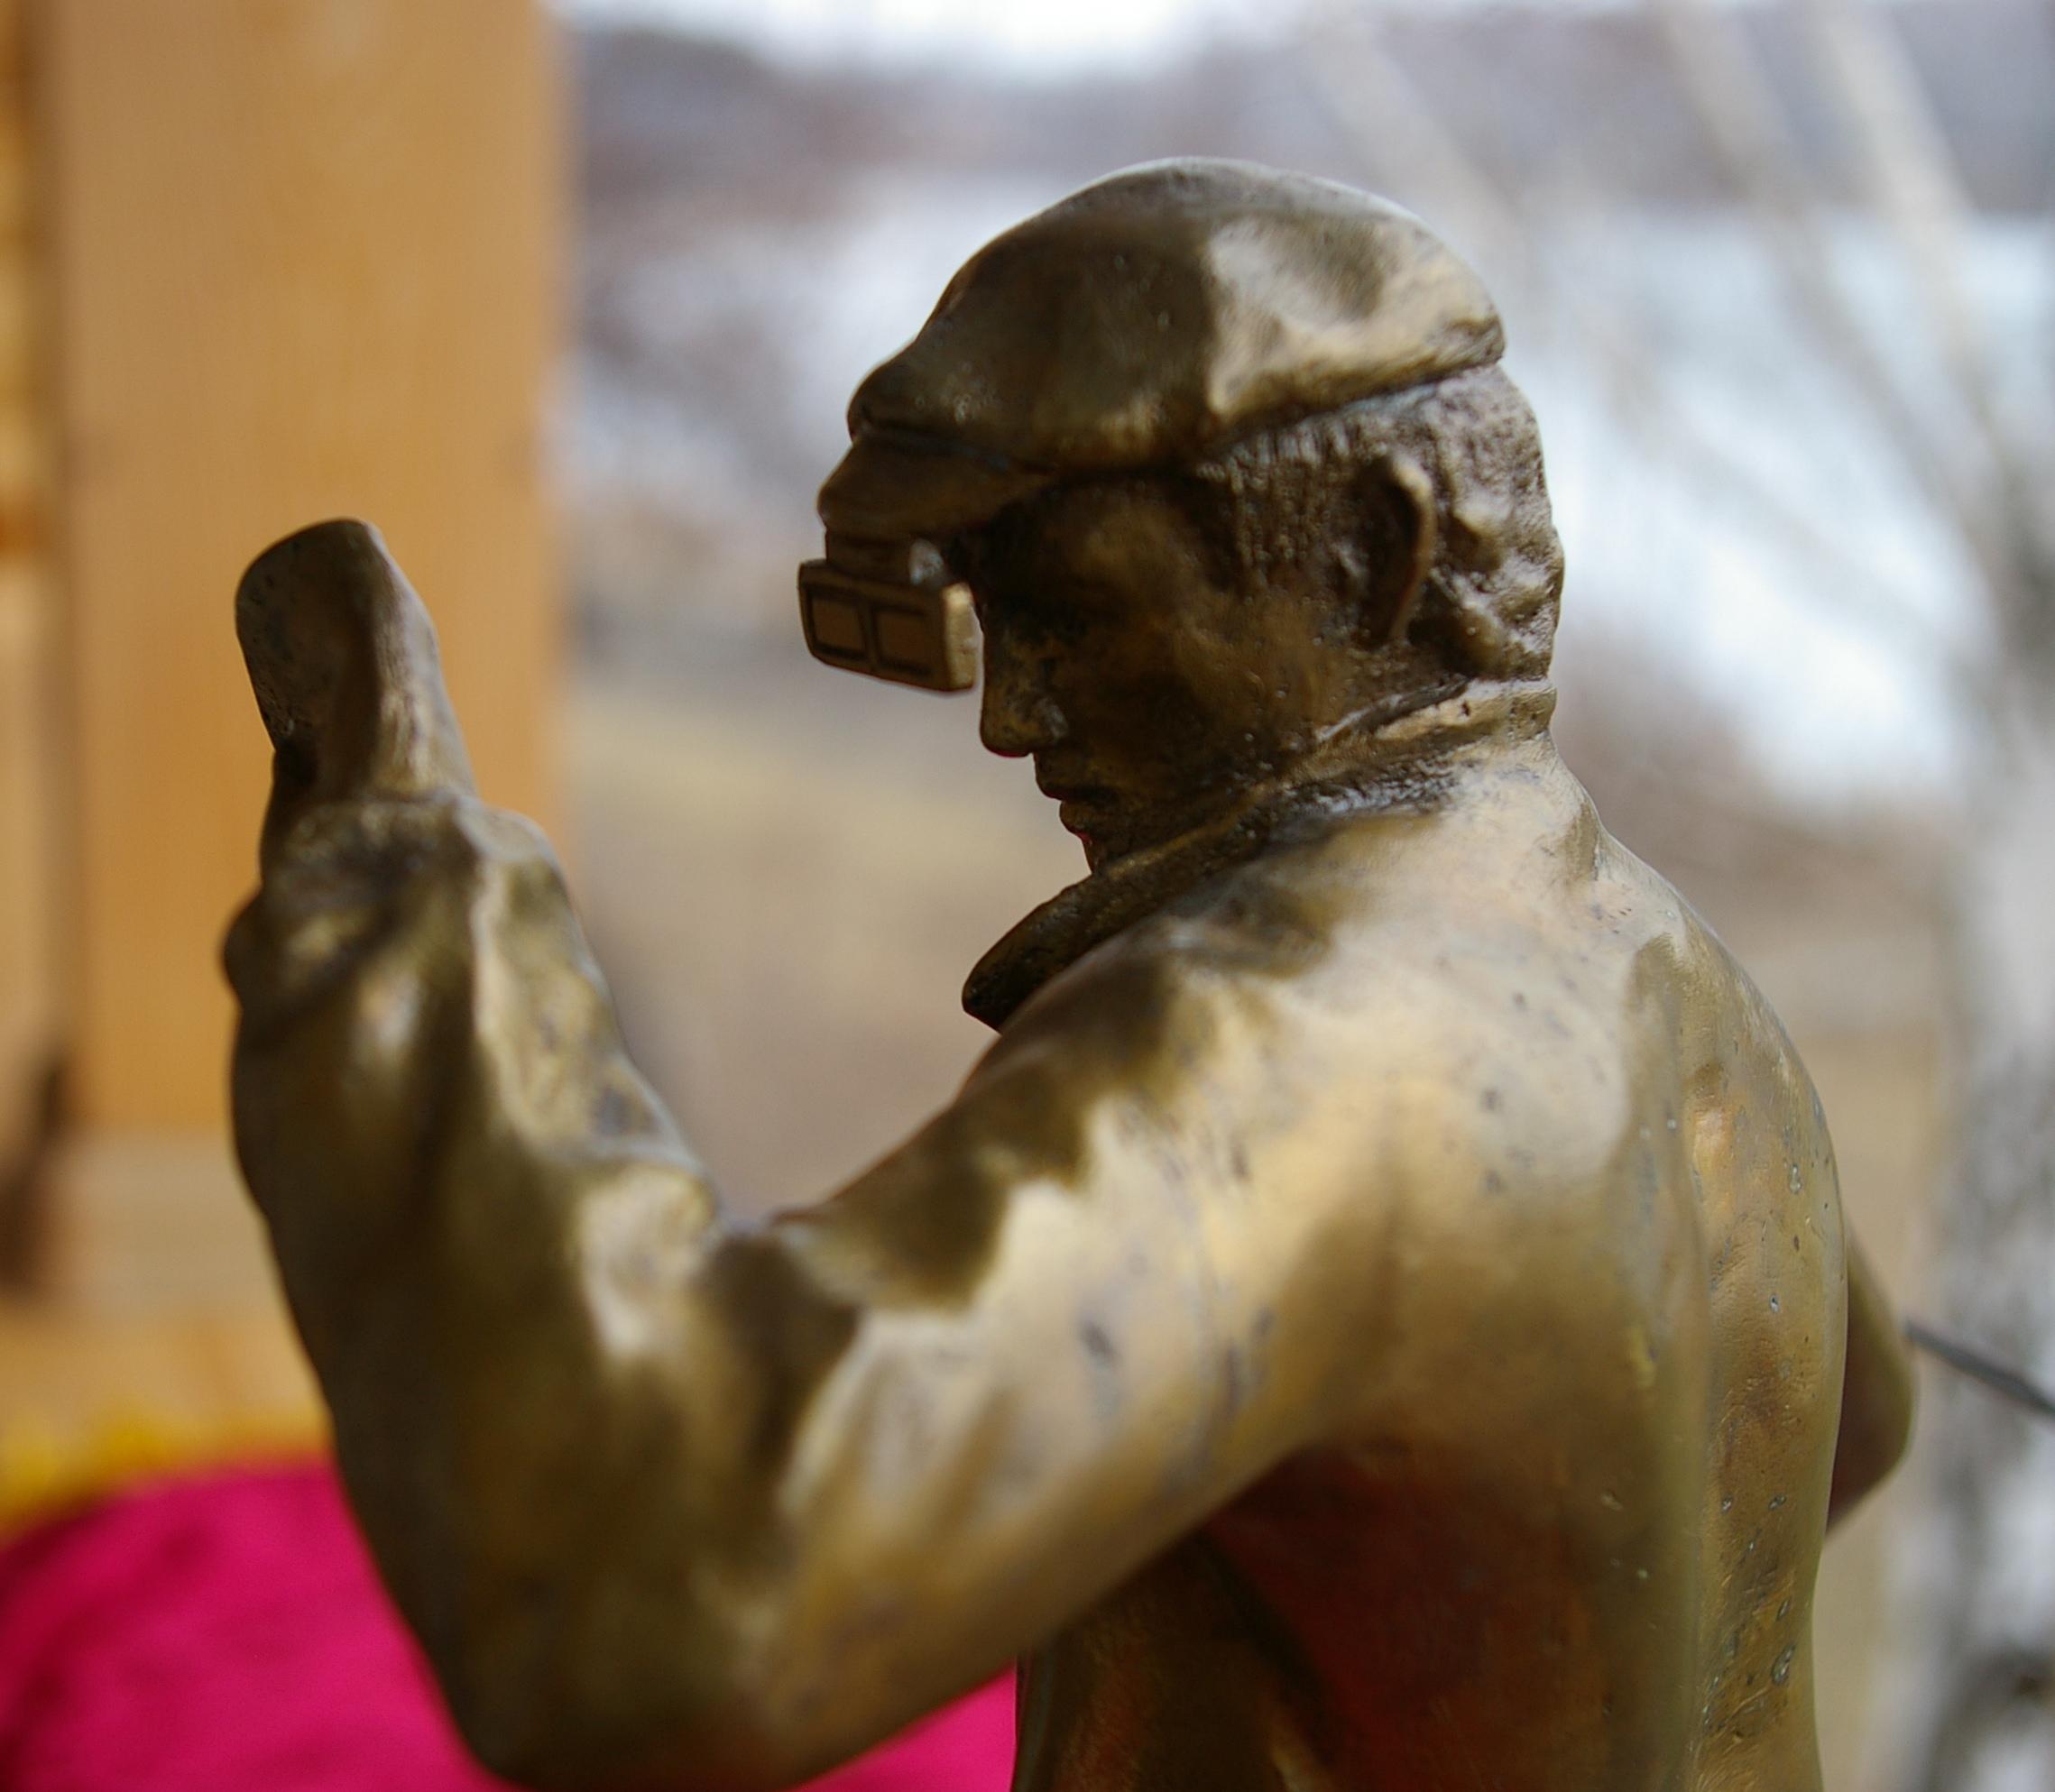 Скульптура Сталевар, материал бронза, высота 39 см., ширина 21 см., длина 9 см., 3 кг.,  - 6